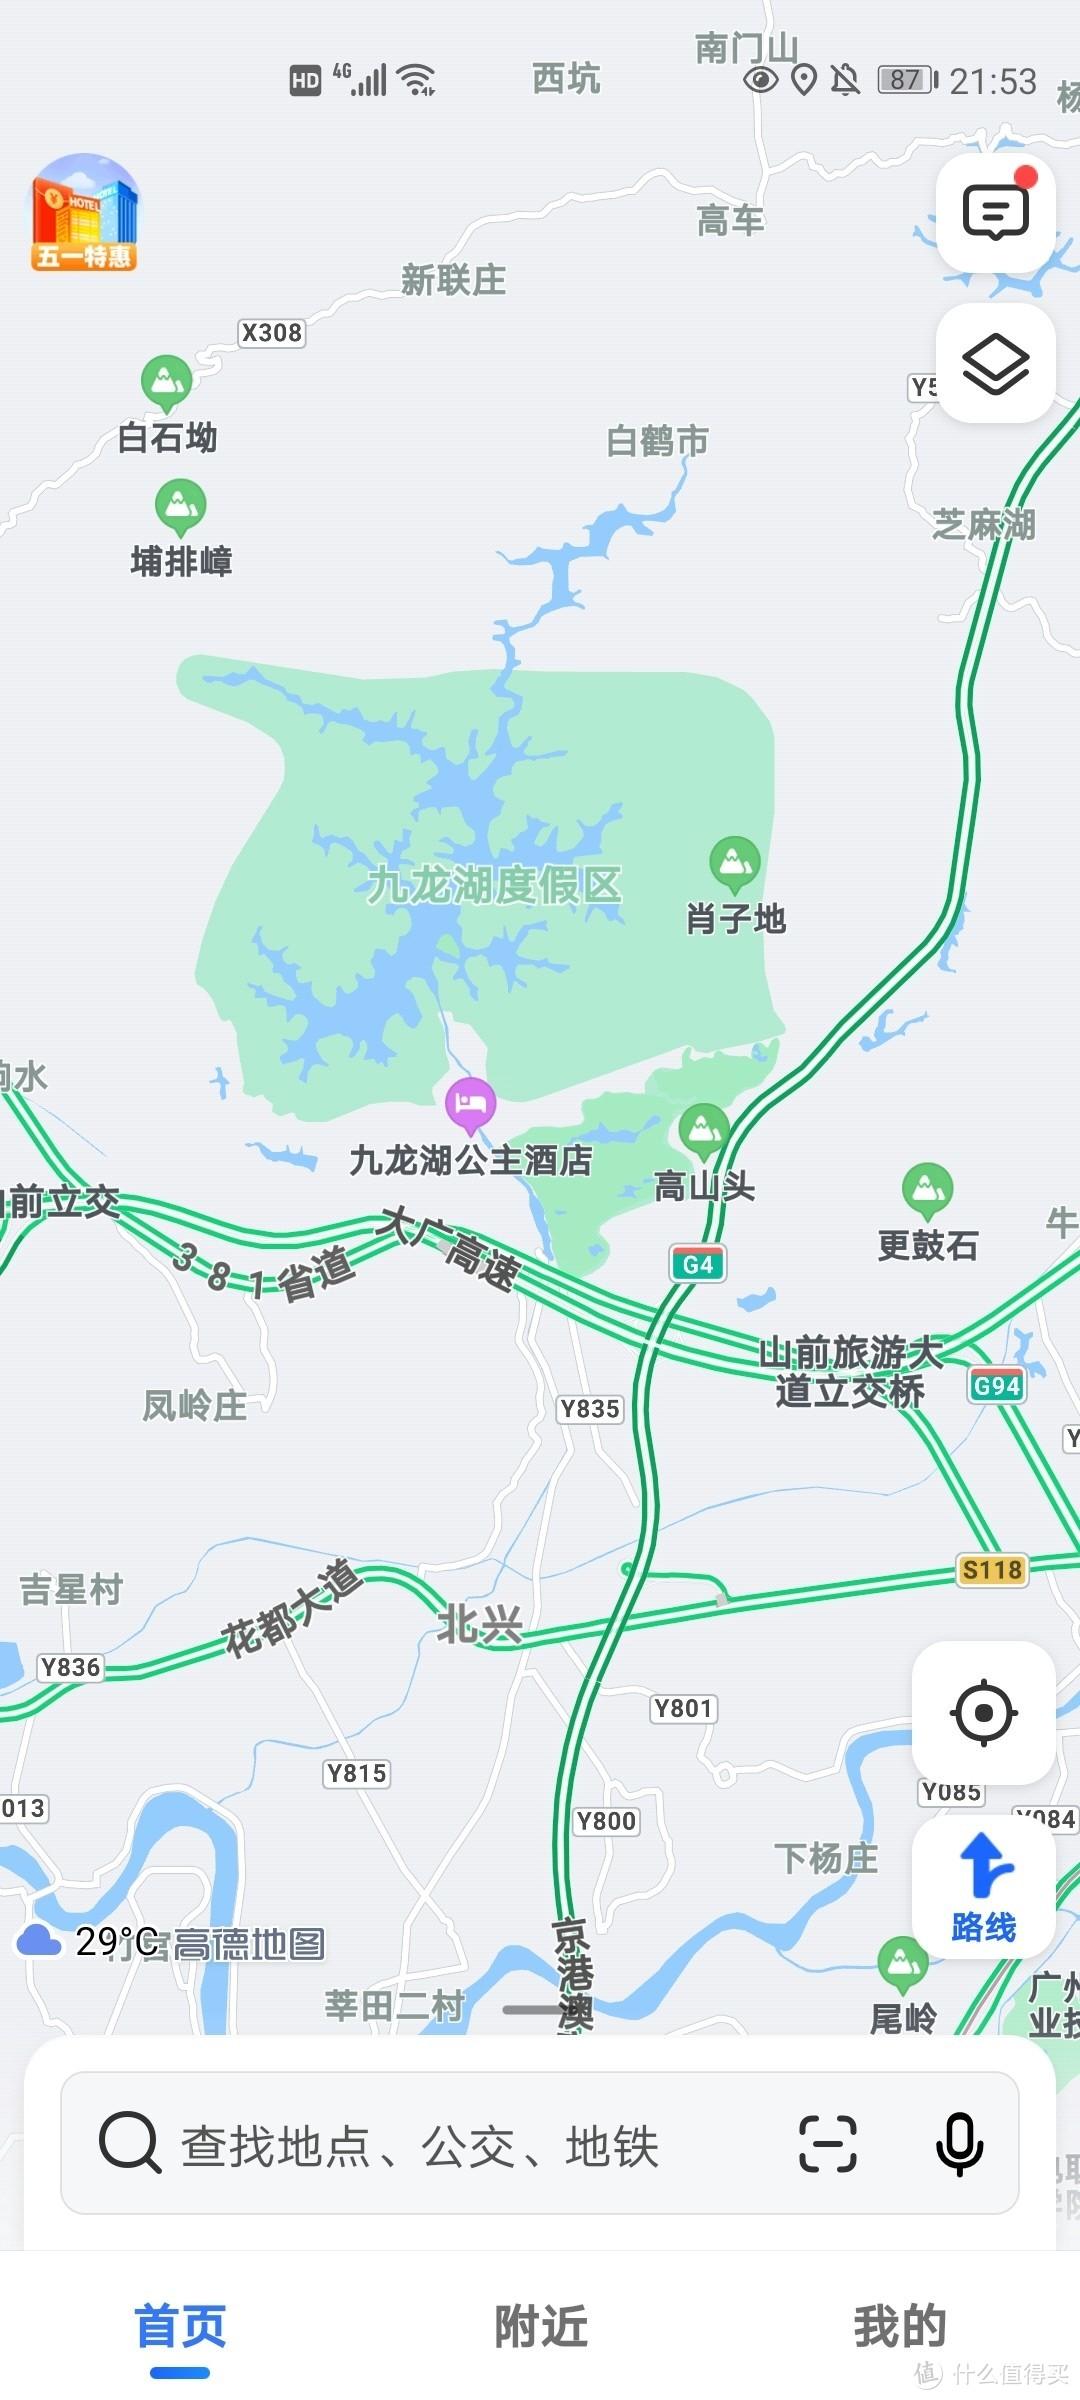 广州九龙湖公主酒店打卡